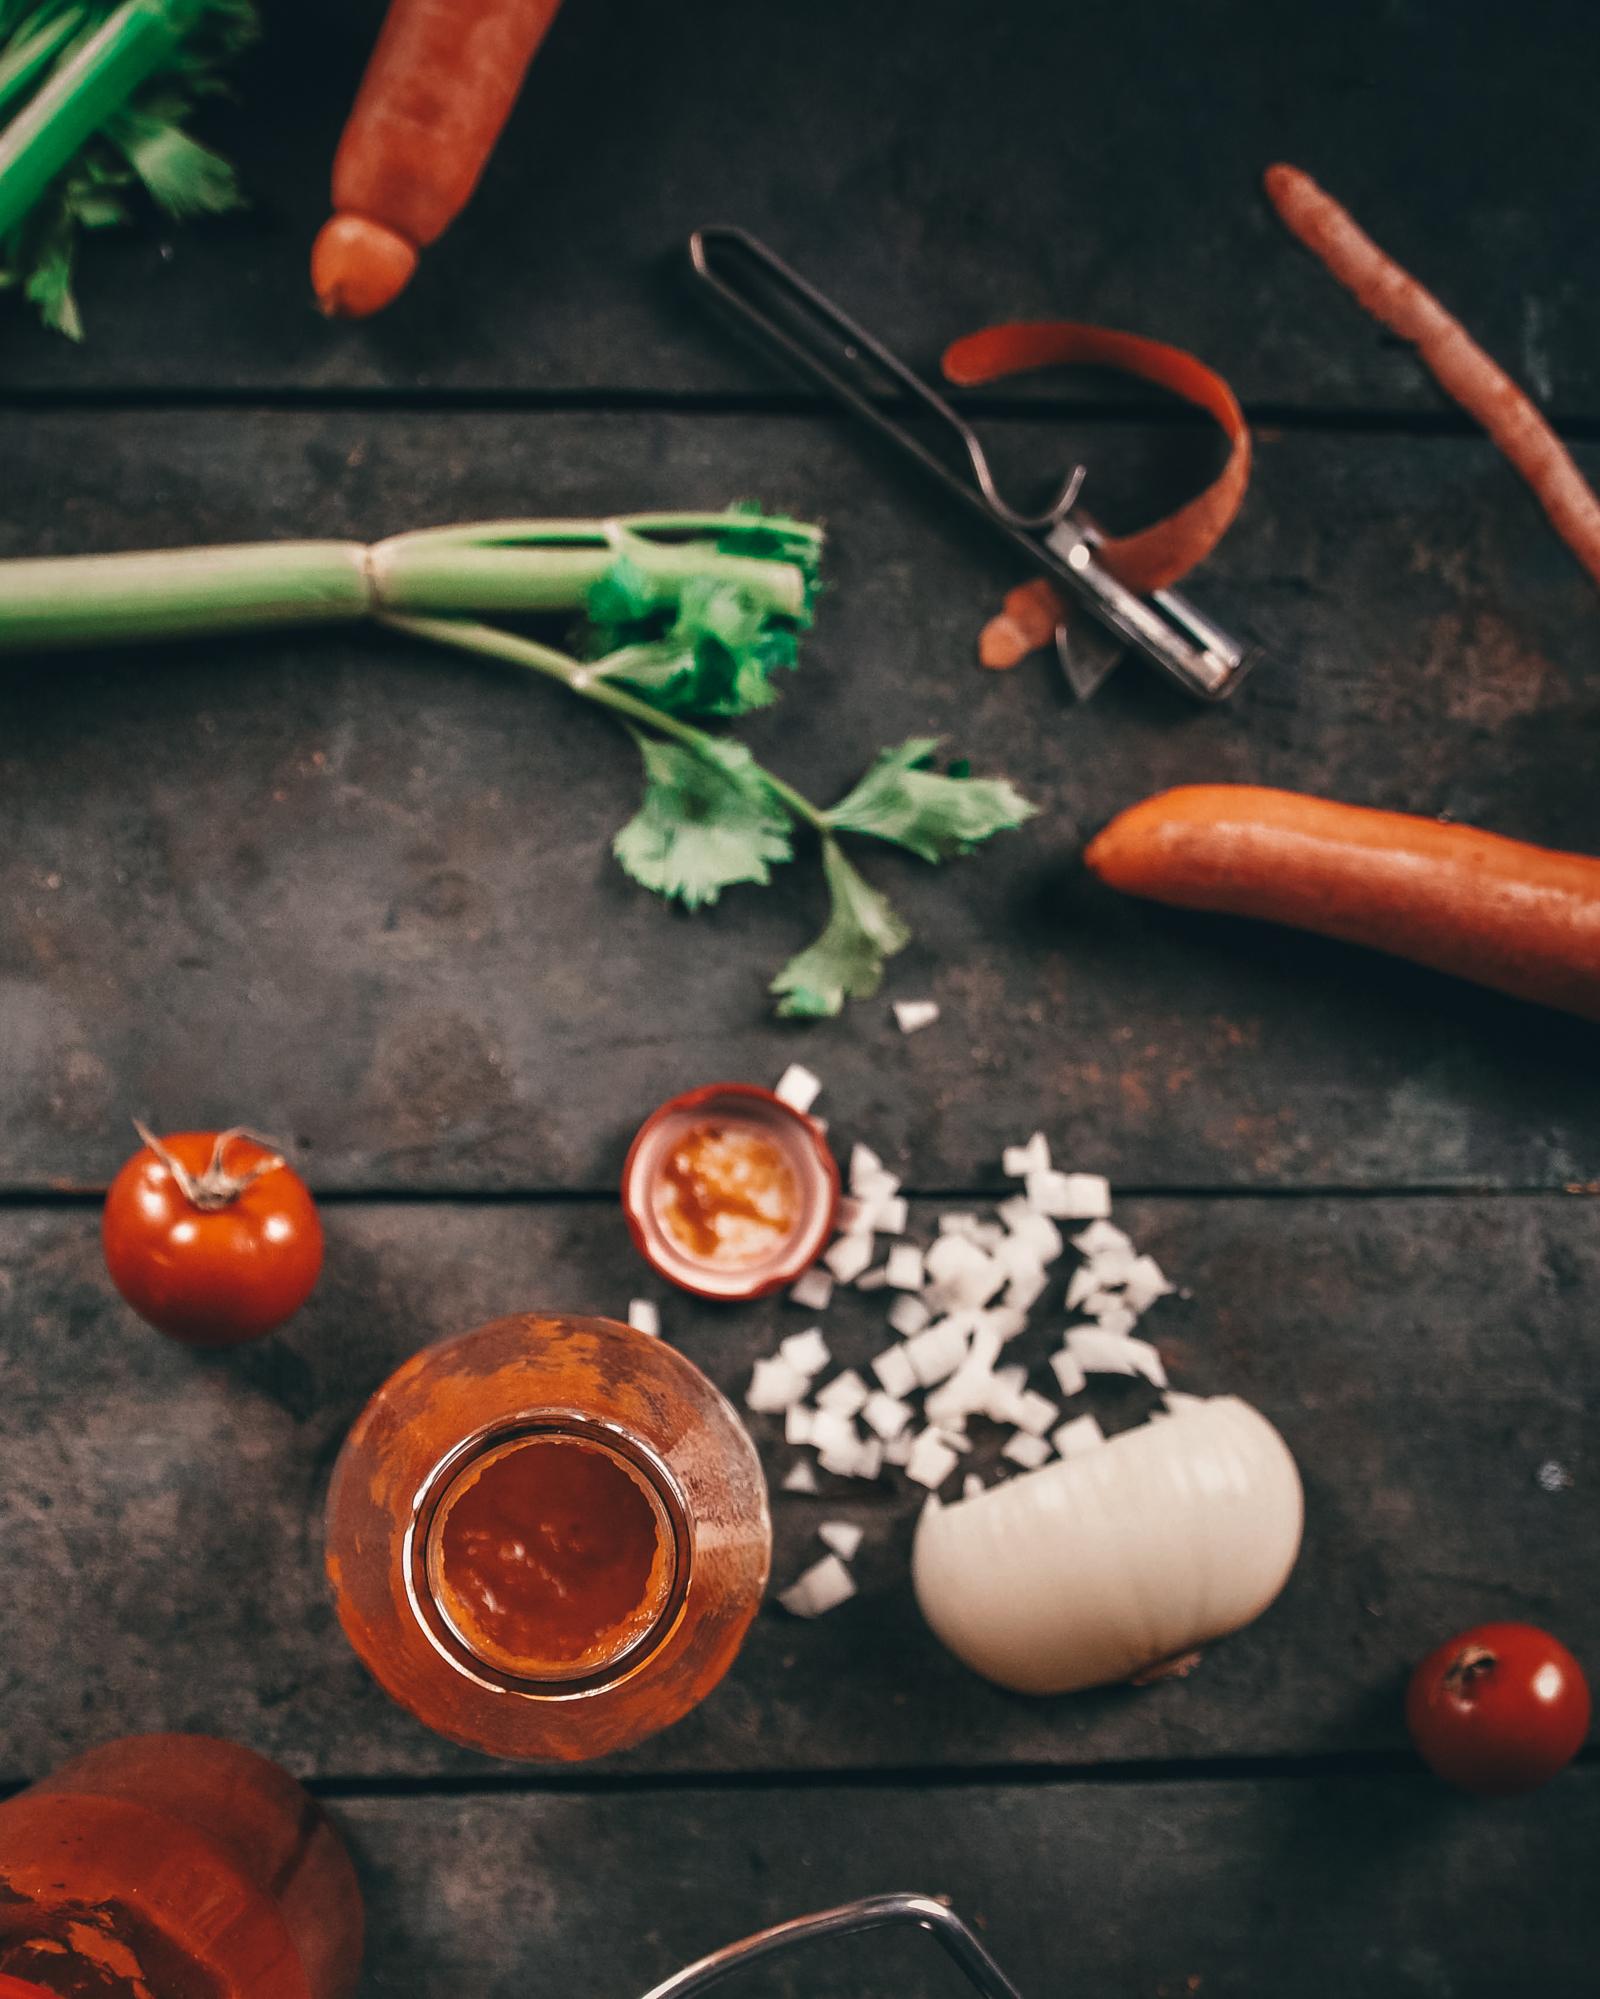 Passata 2020 5 | Und schon wieder hat uns Torsten's Mutter mit tollen Dingen aus ihrem Garten versorgt! Um ehrlich zu sein, war sie recht froh, dass sie einen dankbaren Abnehmer für die vielen reifen Tomaten gefunden hatte ;-). Kurz überlegt, was wir mit soviel der leckeren Früchte anstellen könnten, haben wir uns für eine Passata entschieden.